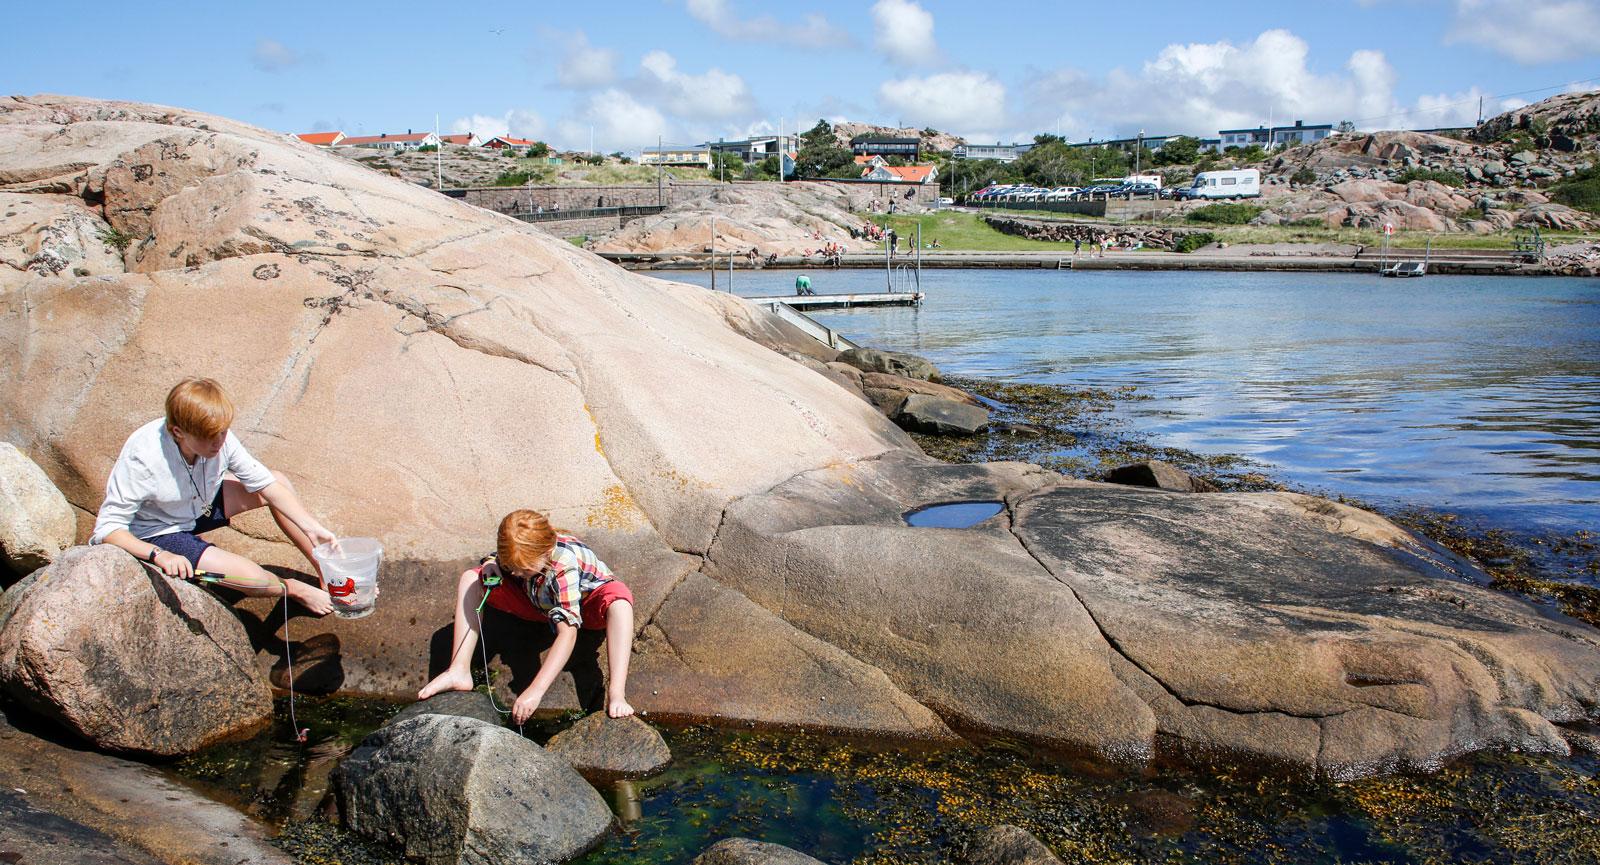 Följ med på strandskolan eller rota runt bland blåstången på egen hand.